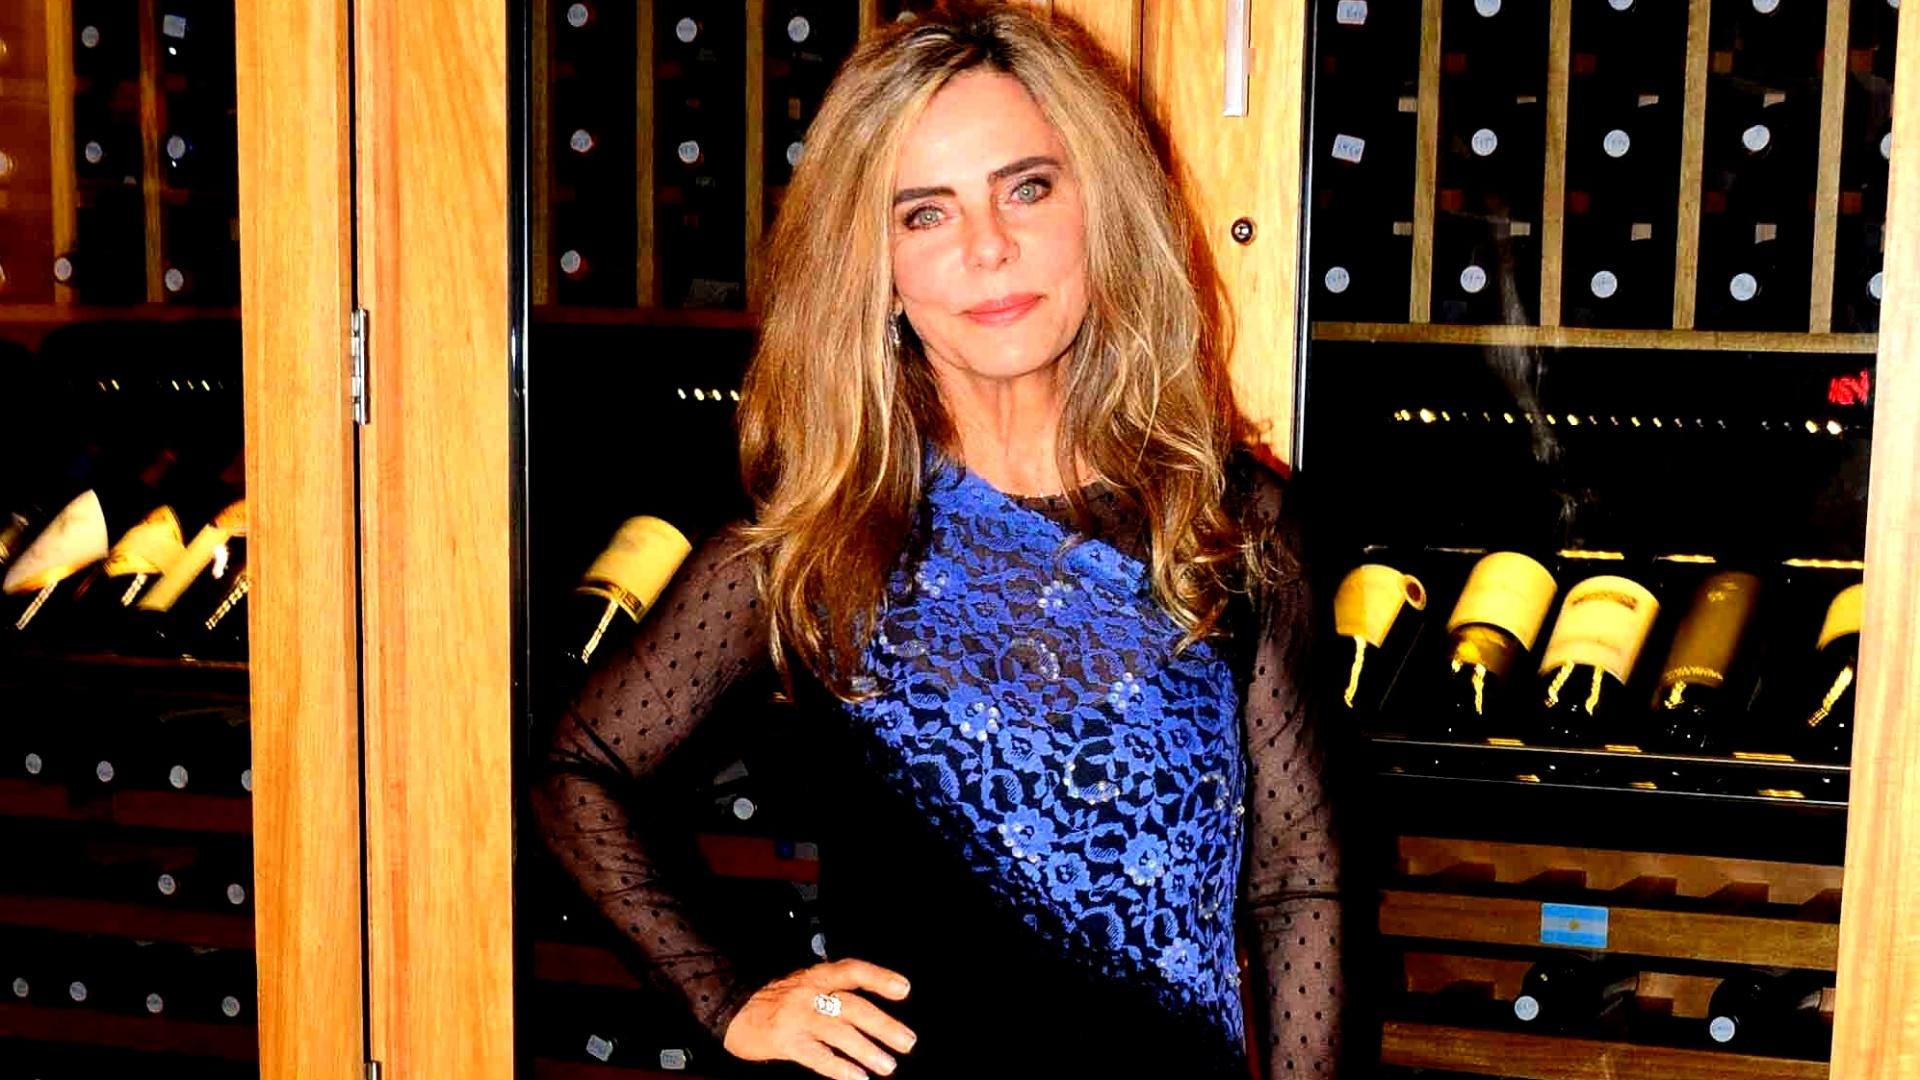 18.ago.2015- Bruna Lombardi usa vestido curto em leilão beneficente que aconteceu nos Jardins, em São Paulo. Aos 63, a atriz fez sucesso na internet ao publicar uma foto sua sensual este mês no Facebook